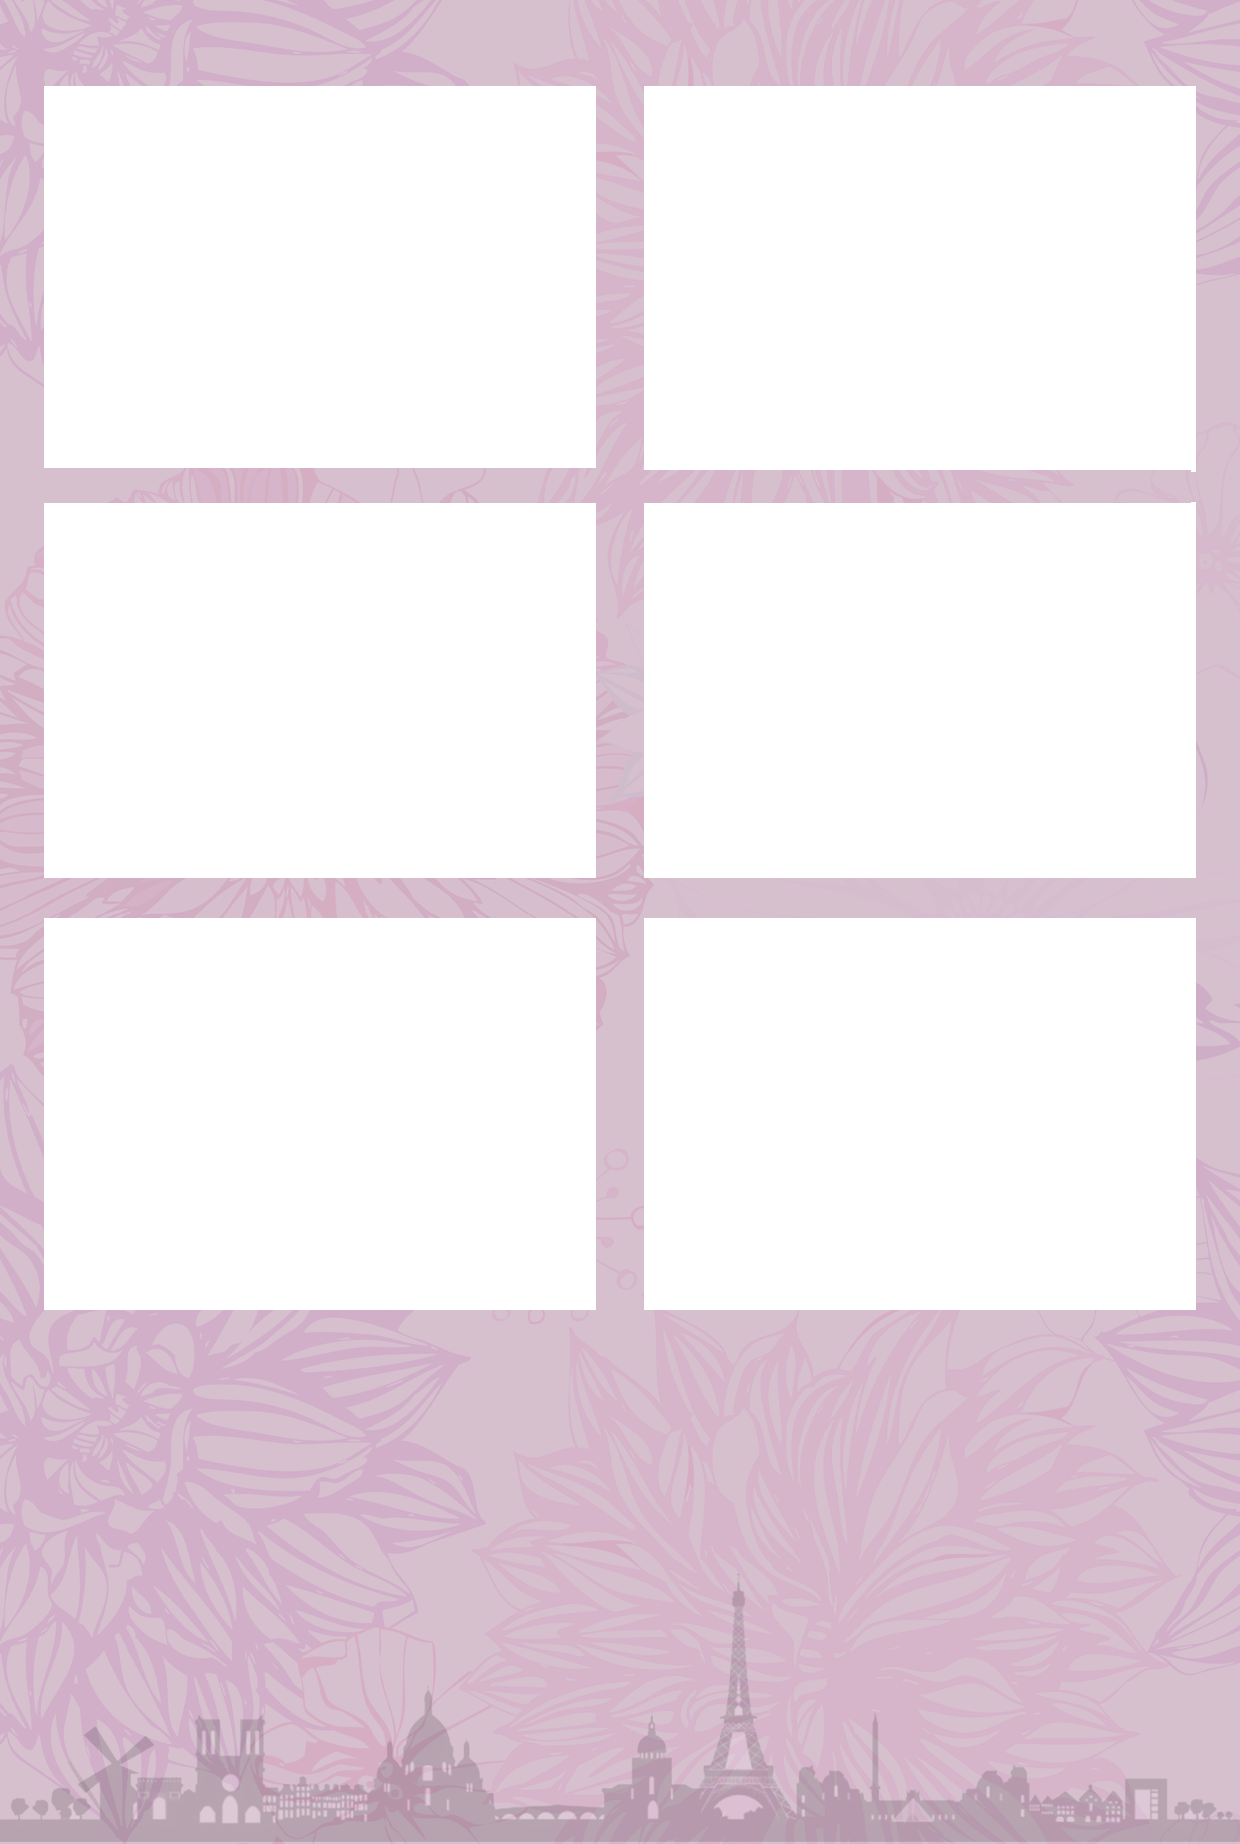 20. Pink France